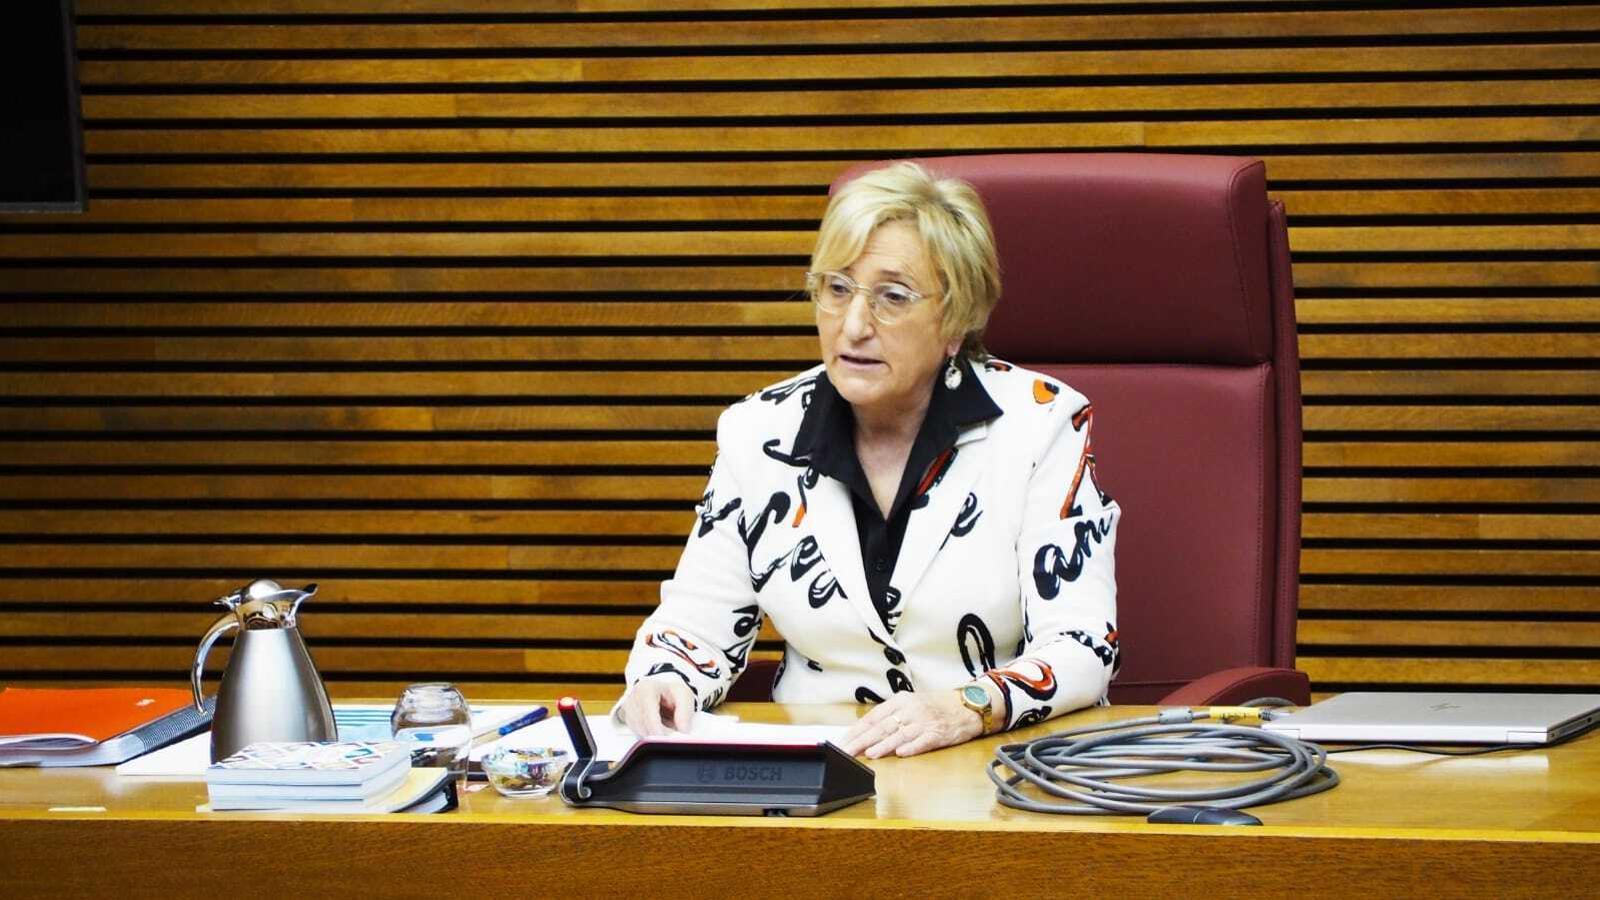 La consellera de Sanitat Universal i Salut Pública, Ana Barceló, durant una compareixença a les Corts Valencianes, en una imatge d'arxiu